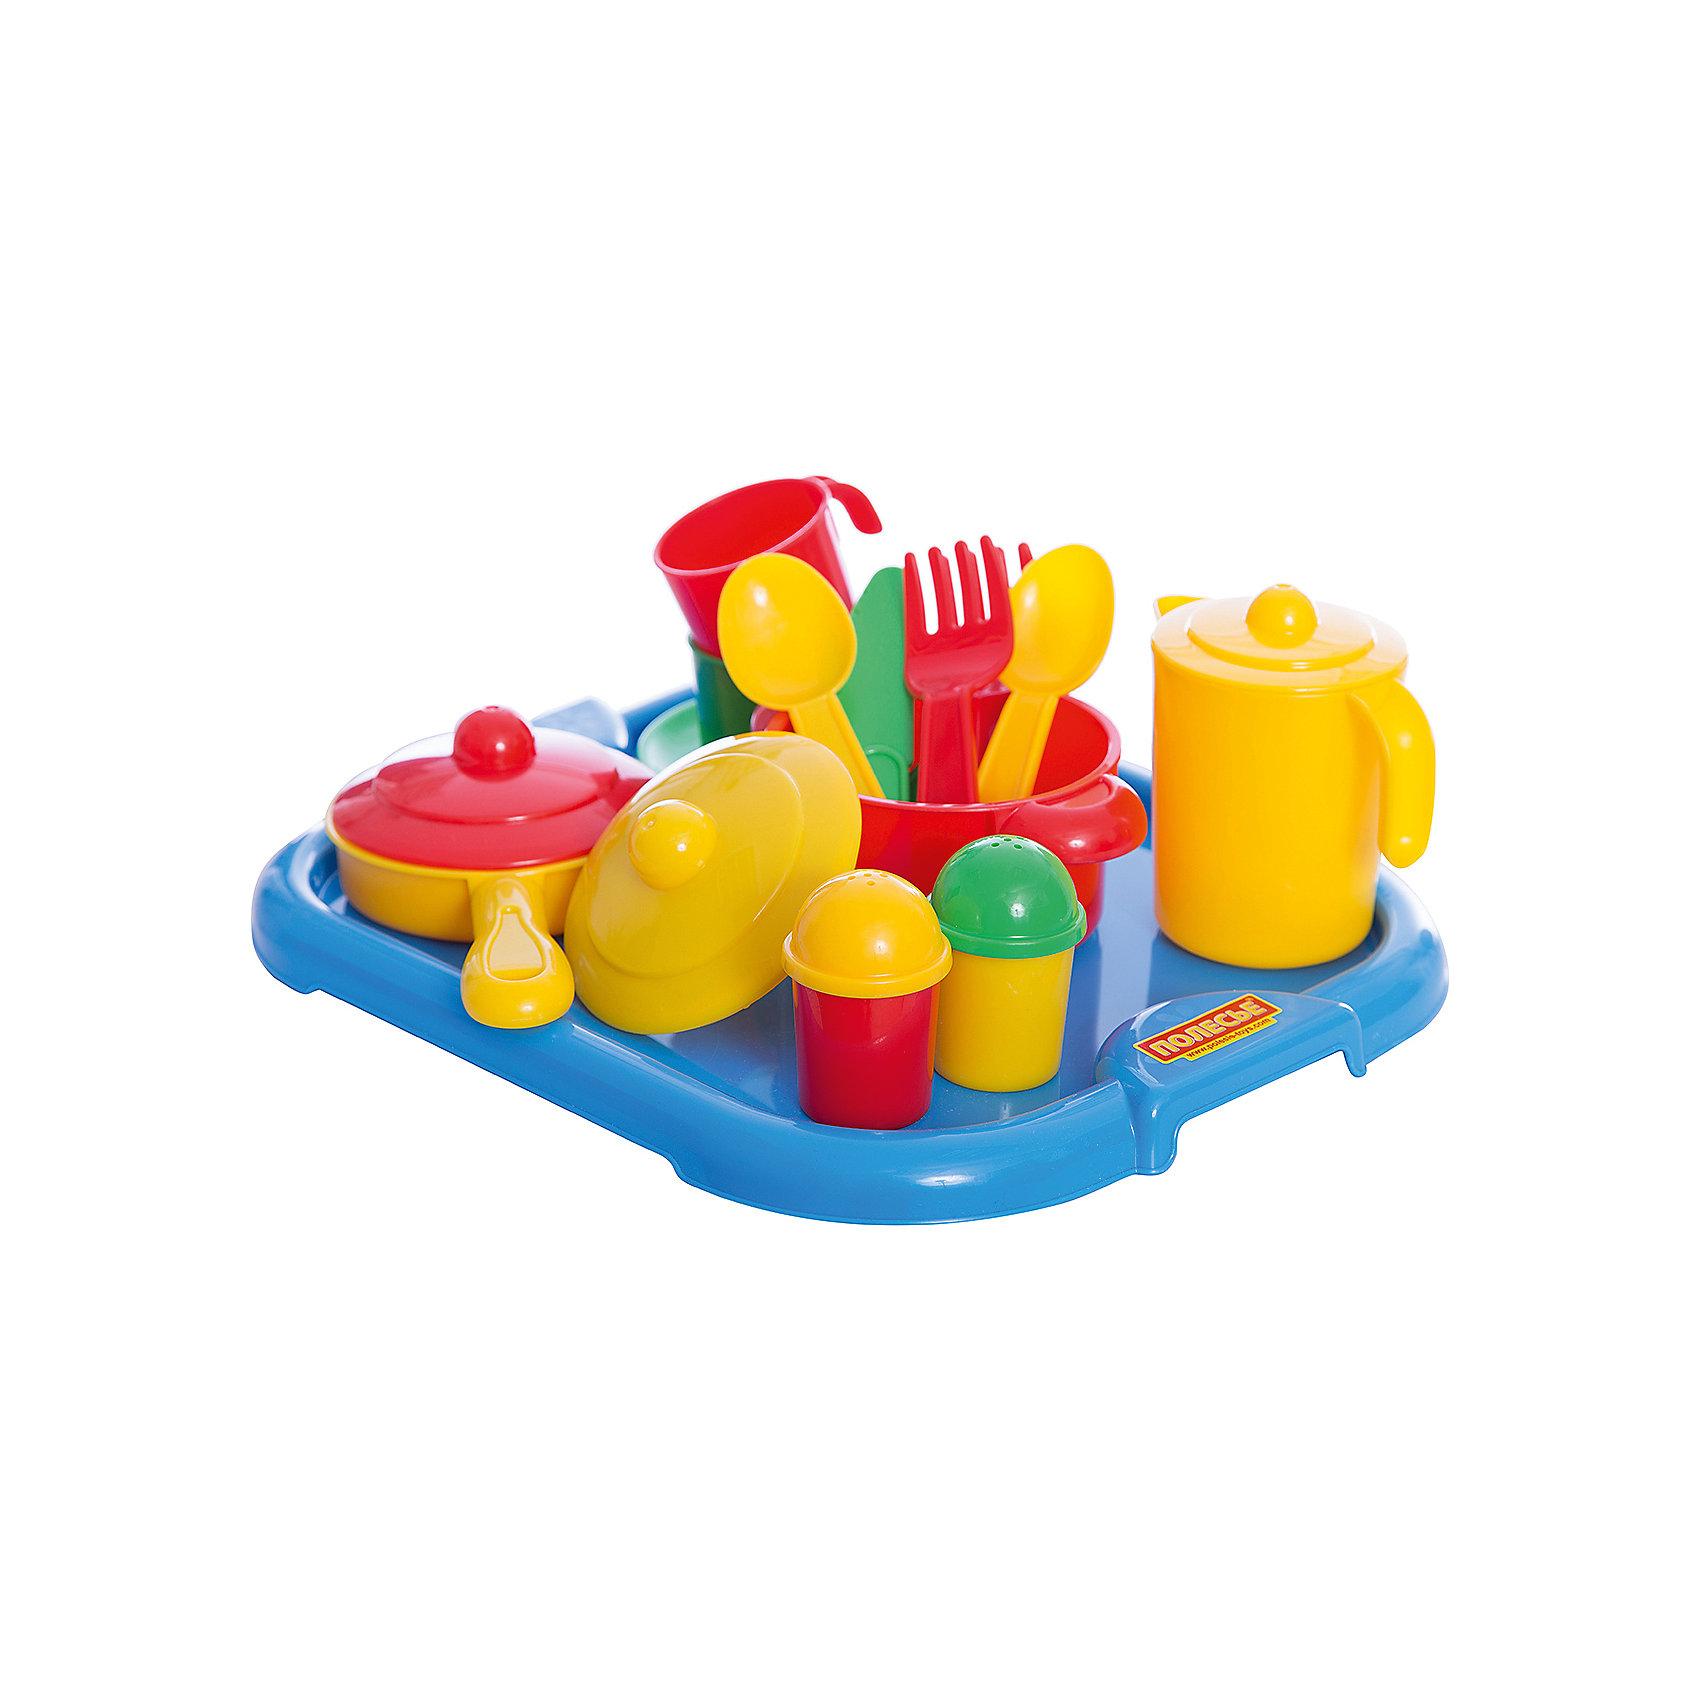 Набор детской посуды Настенька с подносом, ПолесьеПосуда и аксессуары для детской кухни<br>Характеристики товара:<br><br>• возраст: от 2 лет<br>• материал: пластмасса<br>• размер упаковки: 26х31х10 см<br>• страна обладатель бренда: Беларусь.<br><br>Представленный набор посуды рассчитан на 2 персоны. Такая посудка позволит девочке устраивать веселые посиделки со своими подружками, выпить с ними чашечку чая или же накормить и напоить своих кукол. <br><br>Комплект: чайник с крышкой, 2 чашки, вилки, чайные ложки, блюдечки, ножи, сковородка с крышкой, кастрюлька с крышкой, солонка, перечница, поднос.<br><br>Набор детской посуды Настенька с подносом, Полесье можно купить вннашем интернет-магазине.<br><br>Ширина мм: 310<br>Глубина мм: 255<br>Высота мм: 90<br>Вес г: 345<br>Возраст от месяцев: 36<br>Возраст до месяцев: 2147483647<br>Пол: Женский<br>Возраст: Детский<br>SKU: 6760798